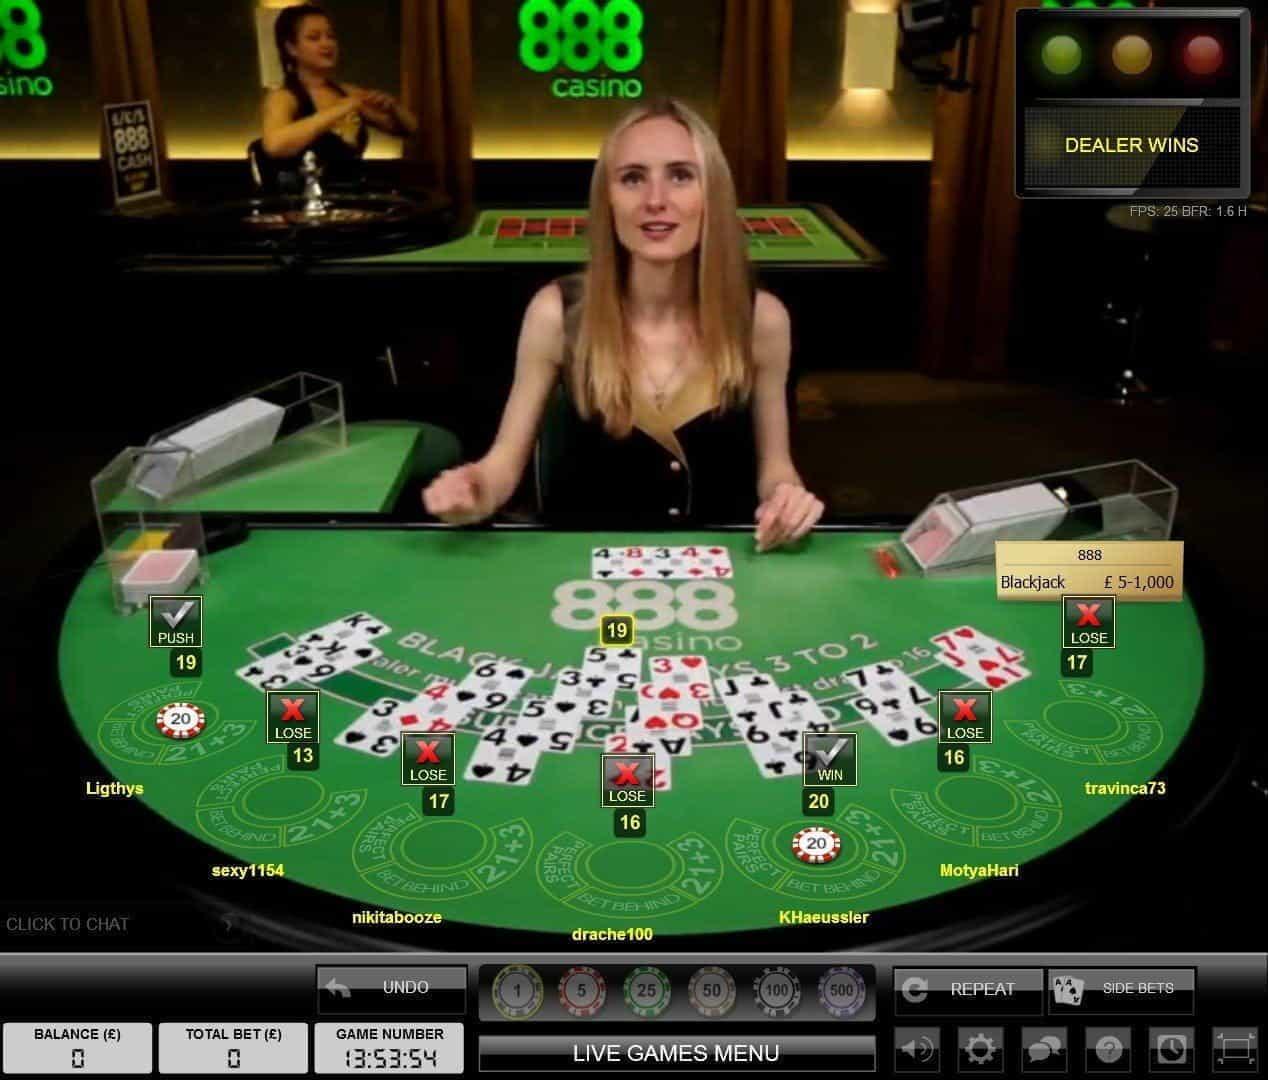 Europeisk roulette live stream Starker